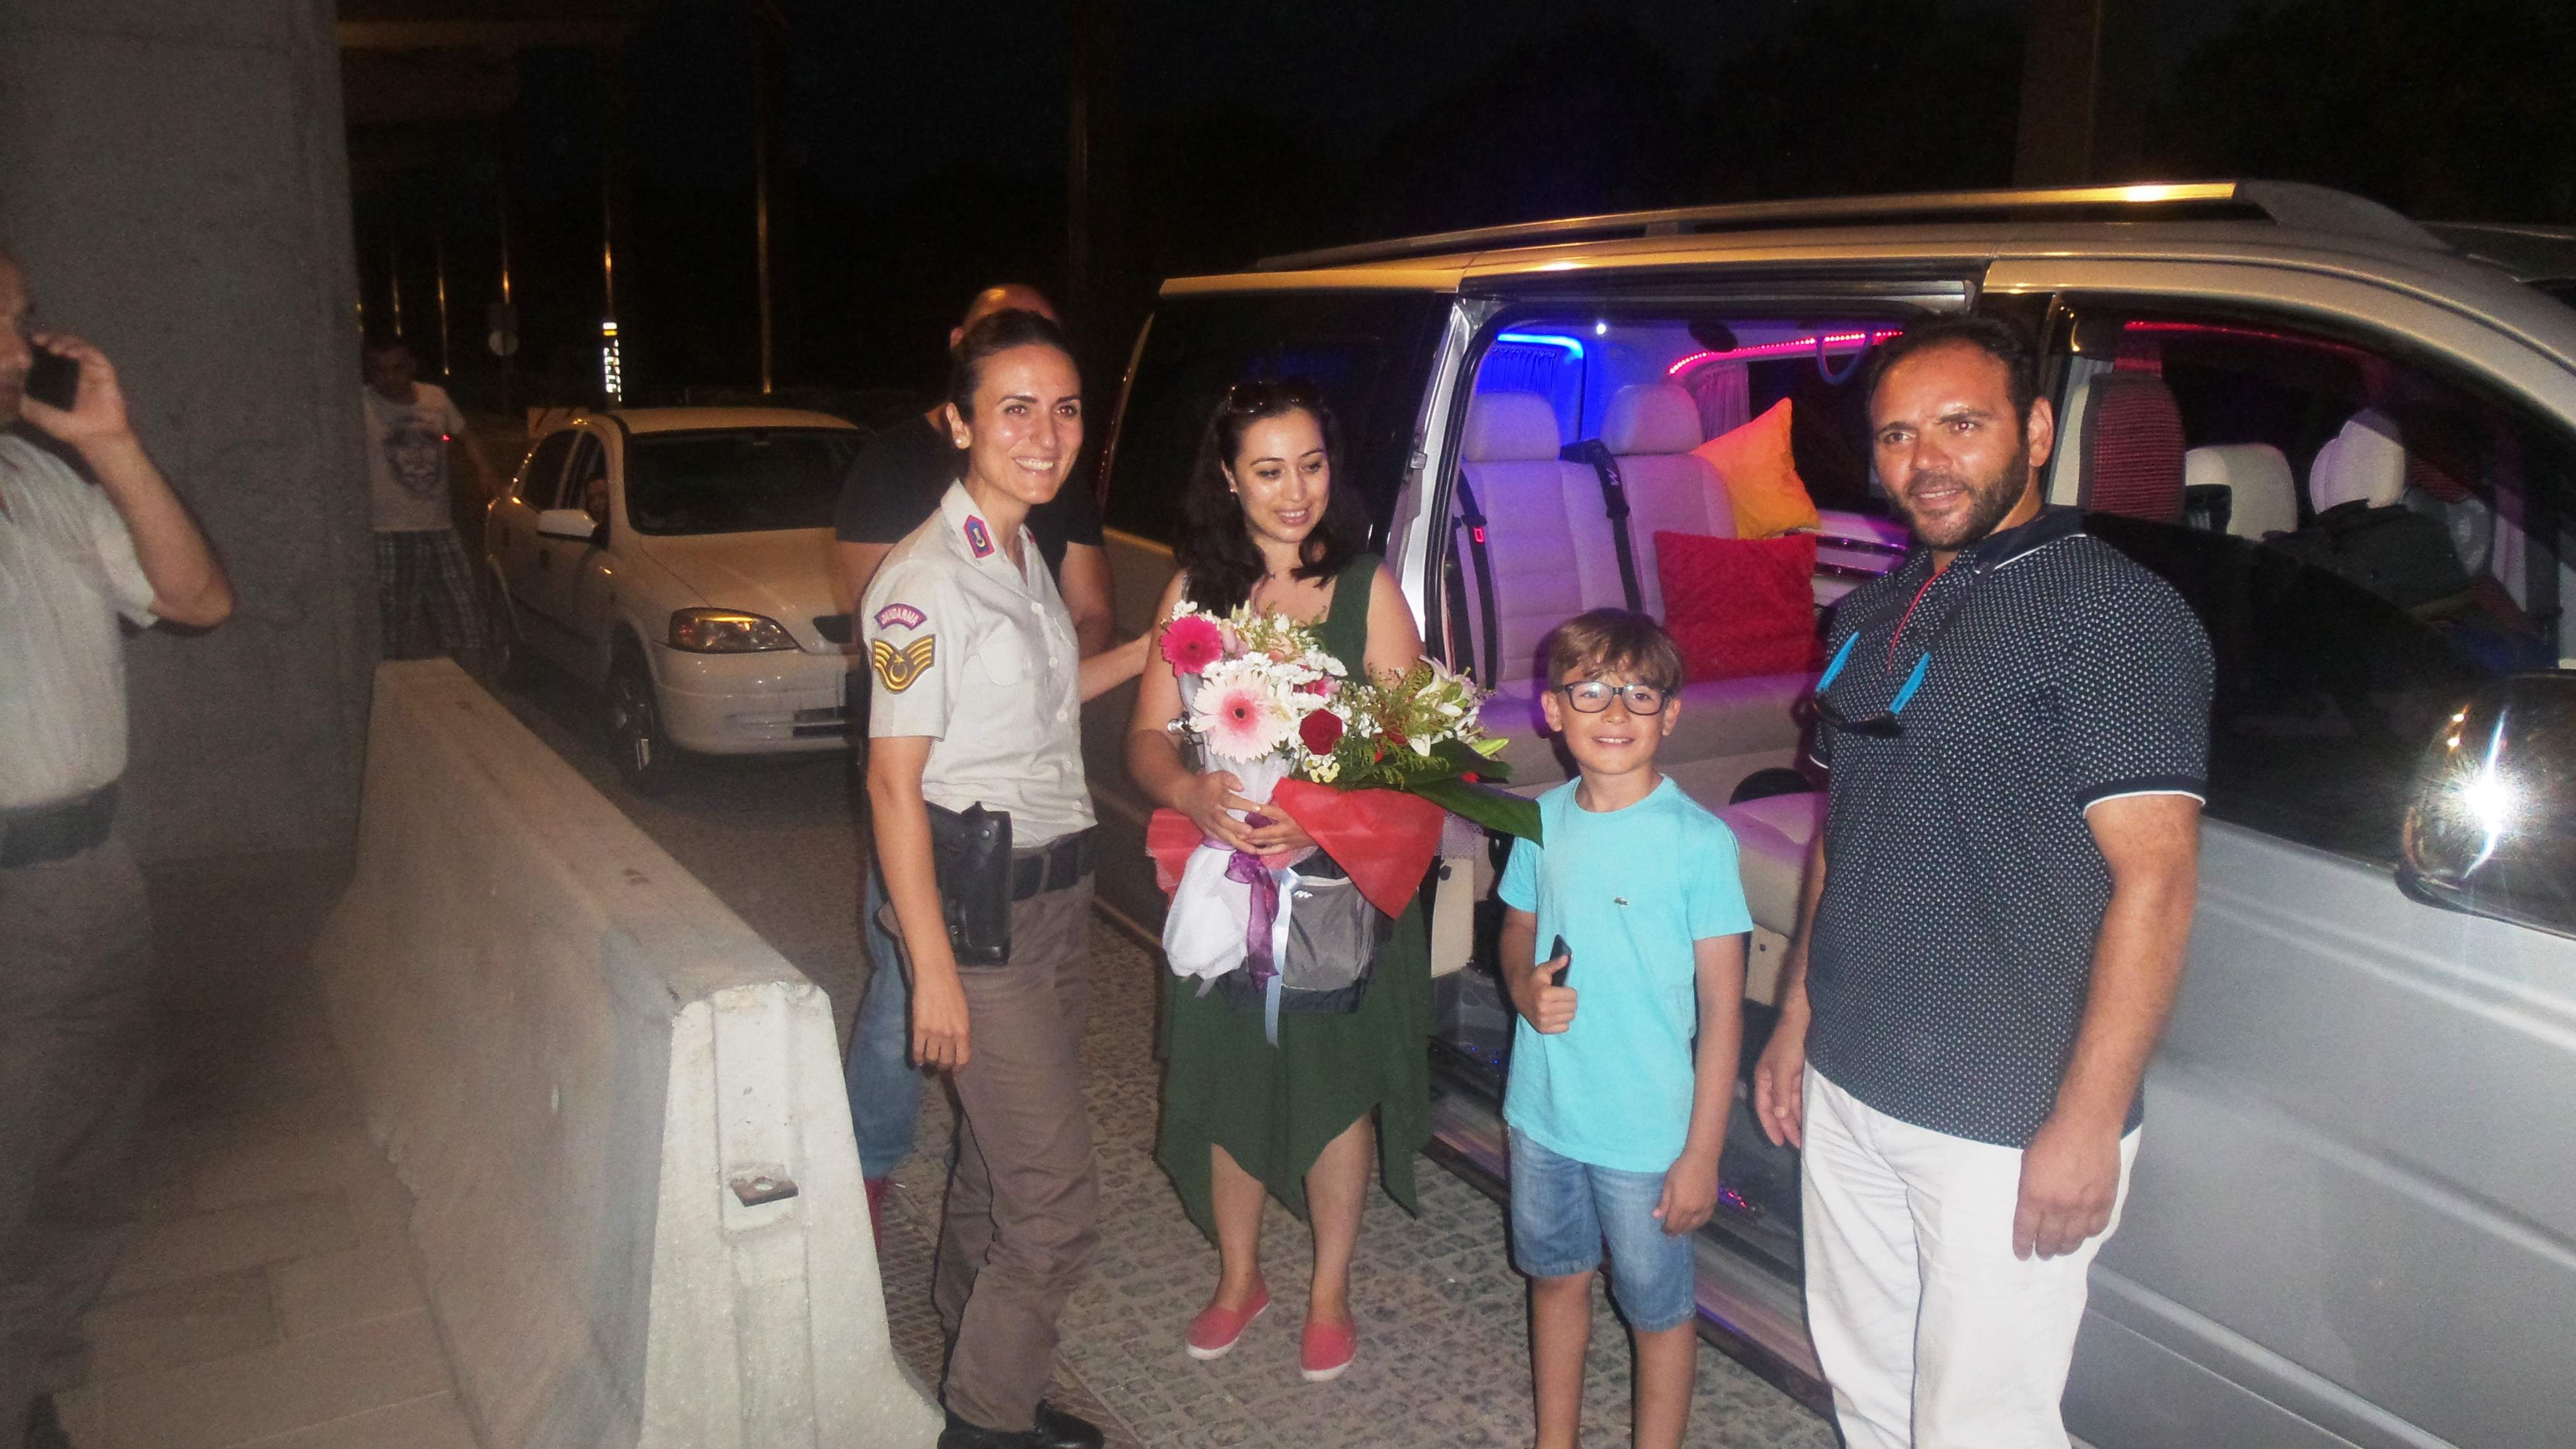 Bakan Fikri Işık'ın makam aracını tahsis ettiği şehit oğlu ve eşi Dalaman'a geldi